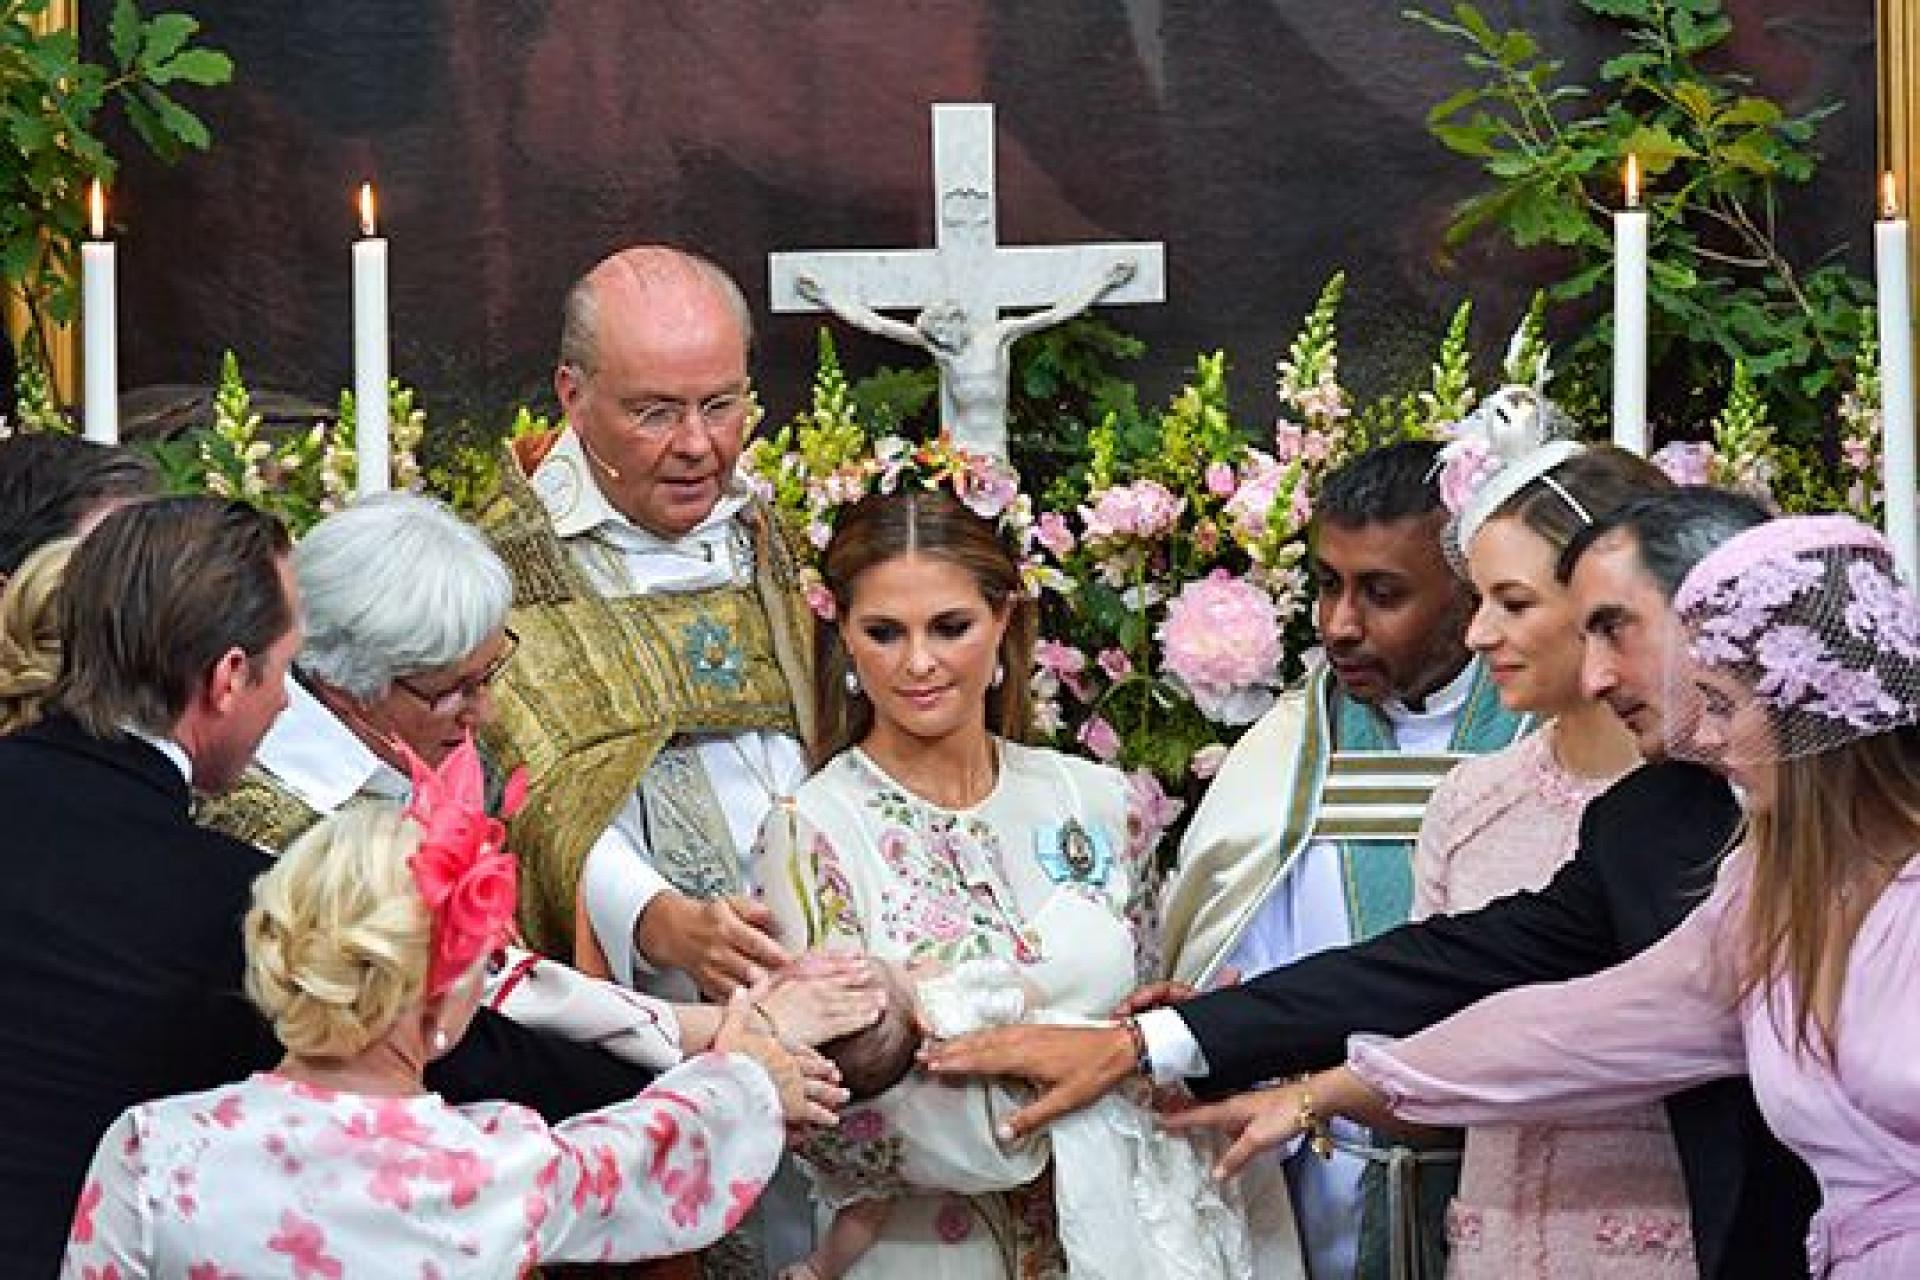 Divulgadas fotografias oficiais do batizado da princesa Adrienne